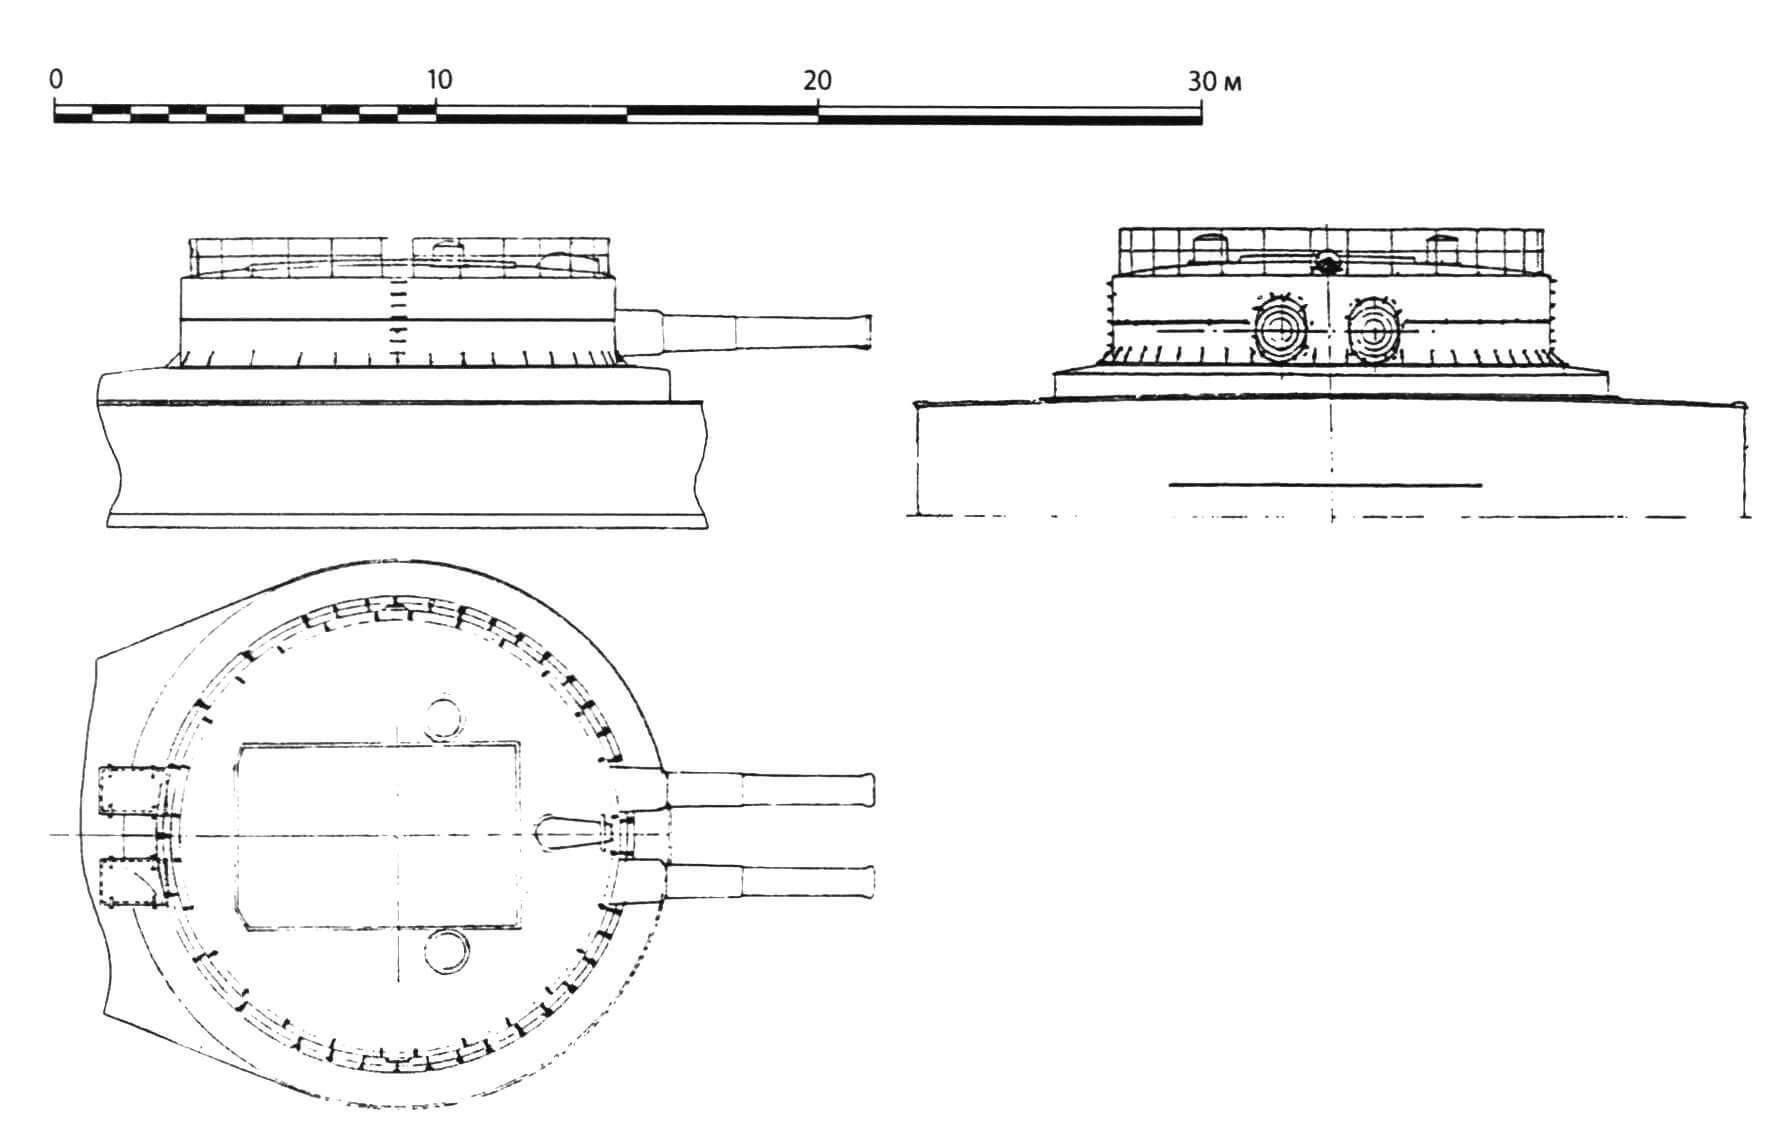 Башня главного калибра. Соответствует масштабу общего вида корабля сбоку (см. «М-К»№ 2-2019)